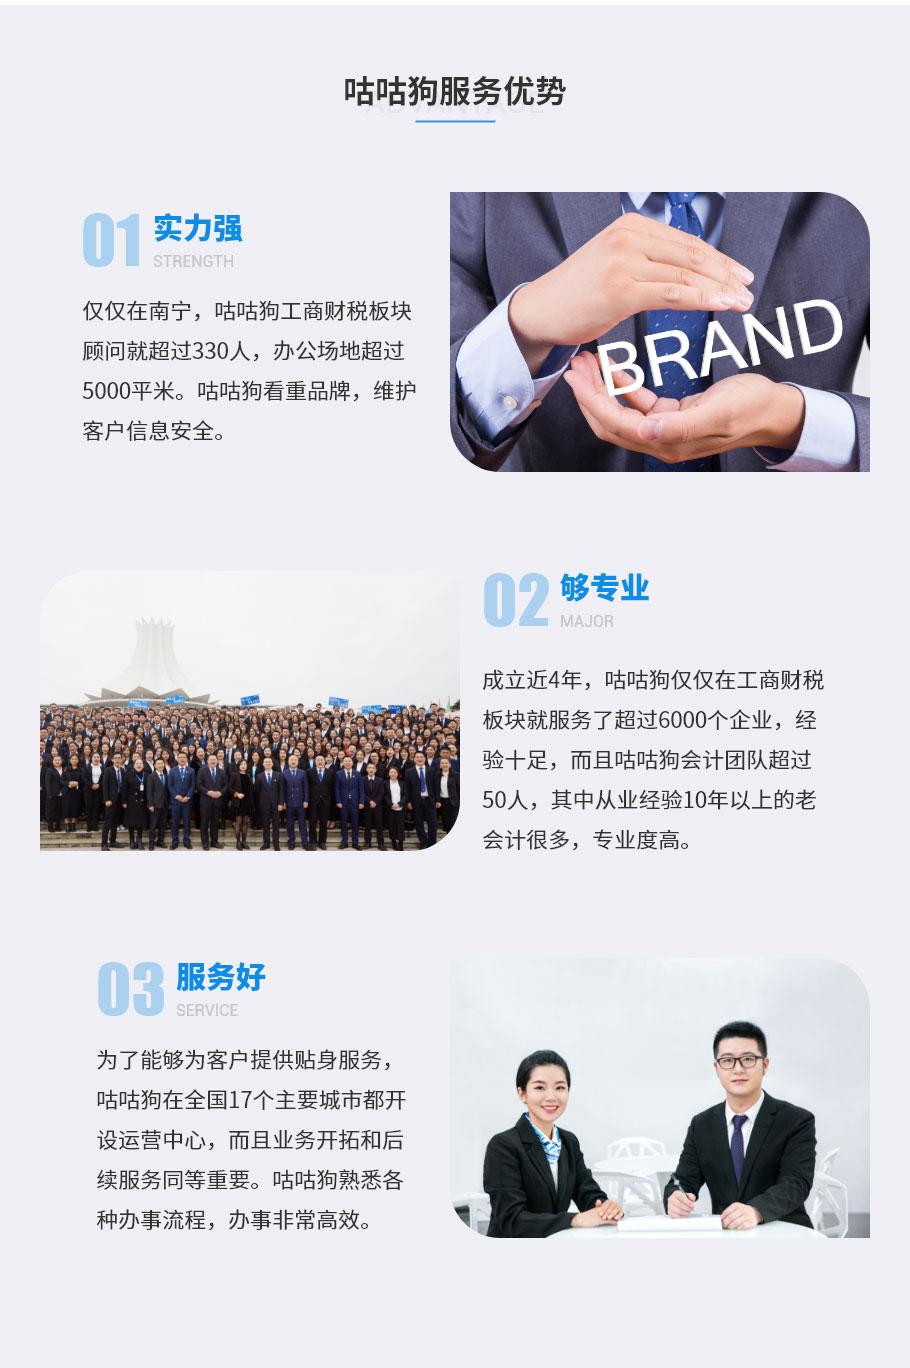 专业办理分公司,促进公司业务拓展